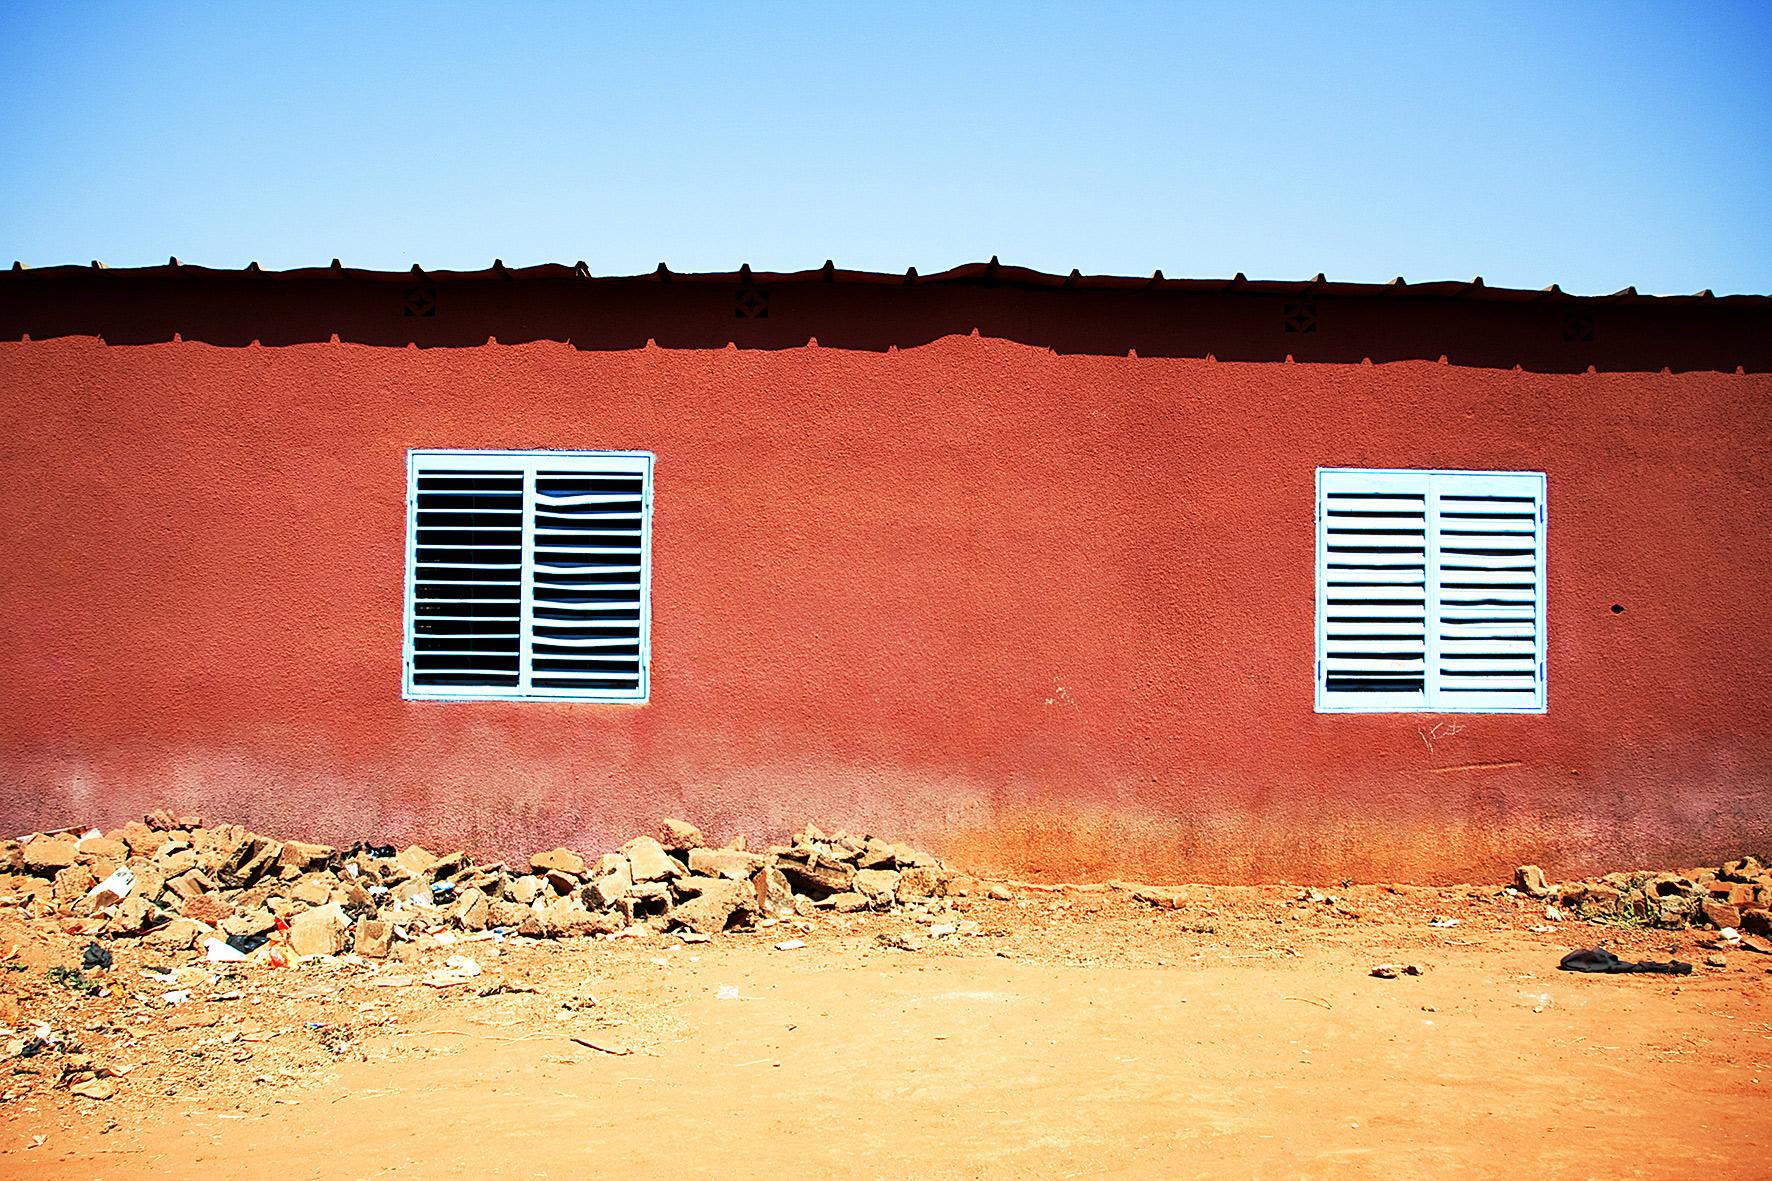 #Afrique 20. Burkina Faso, Banfora. 2010